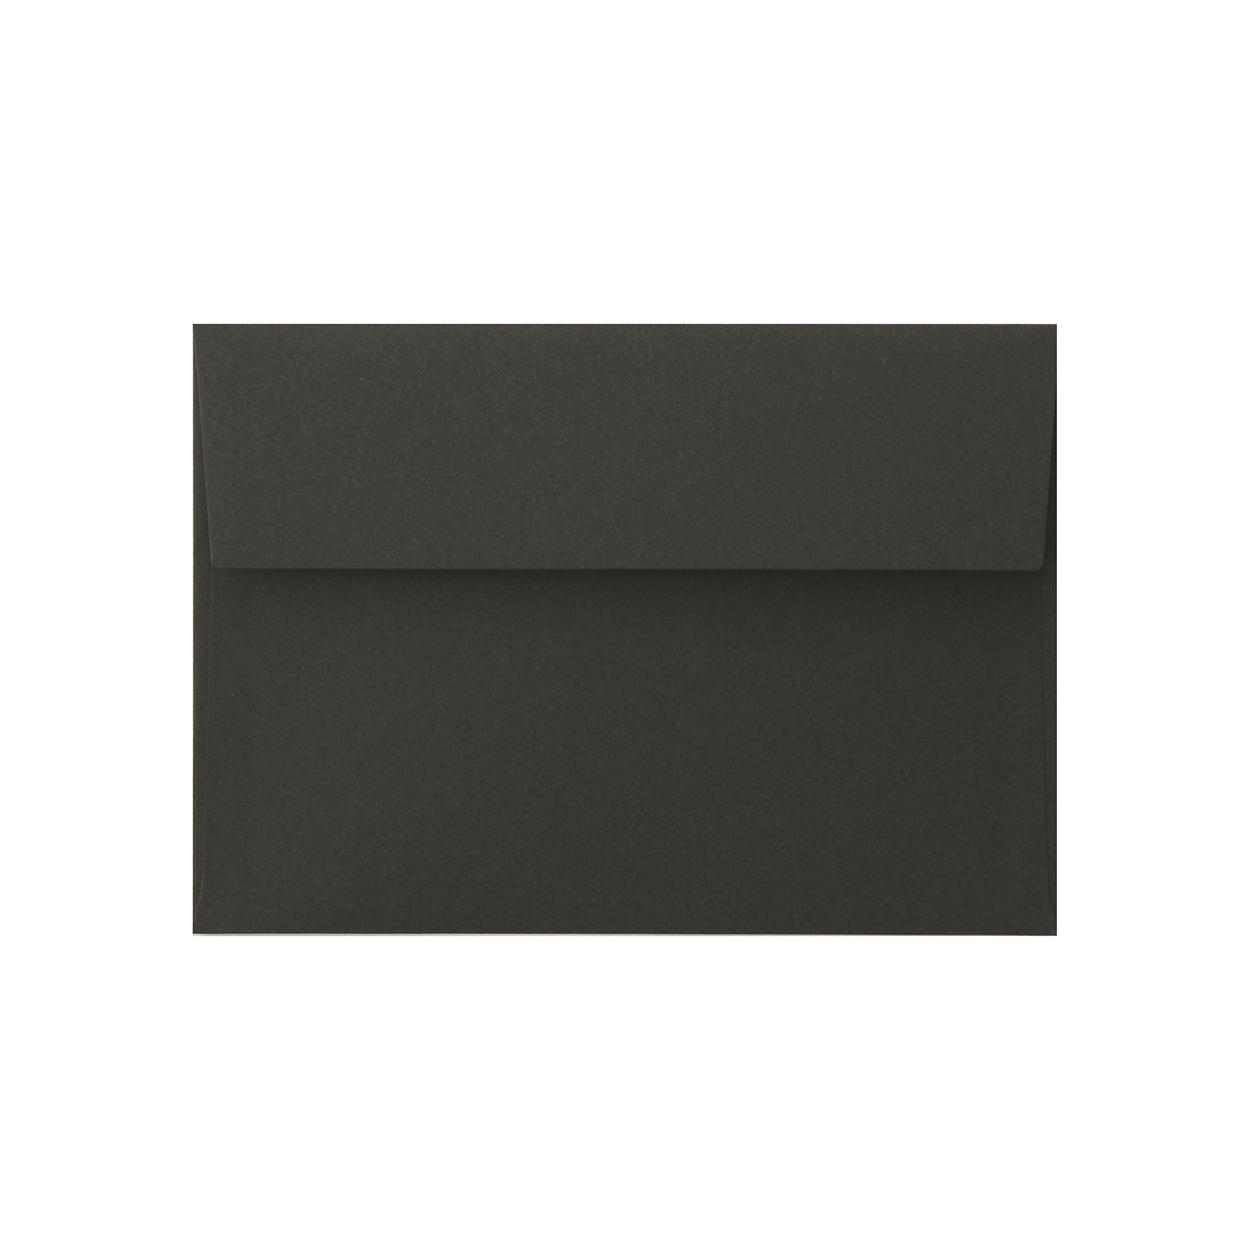 洋2カマス封筒 コットン(NTラシャ) 黒 116.3g